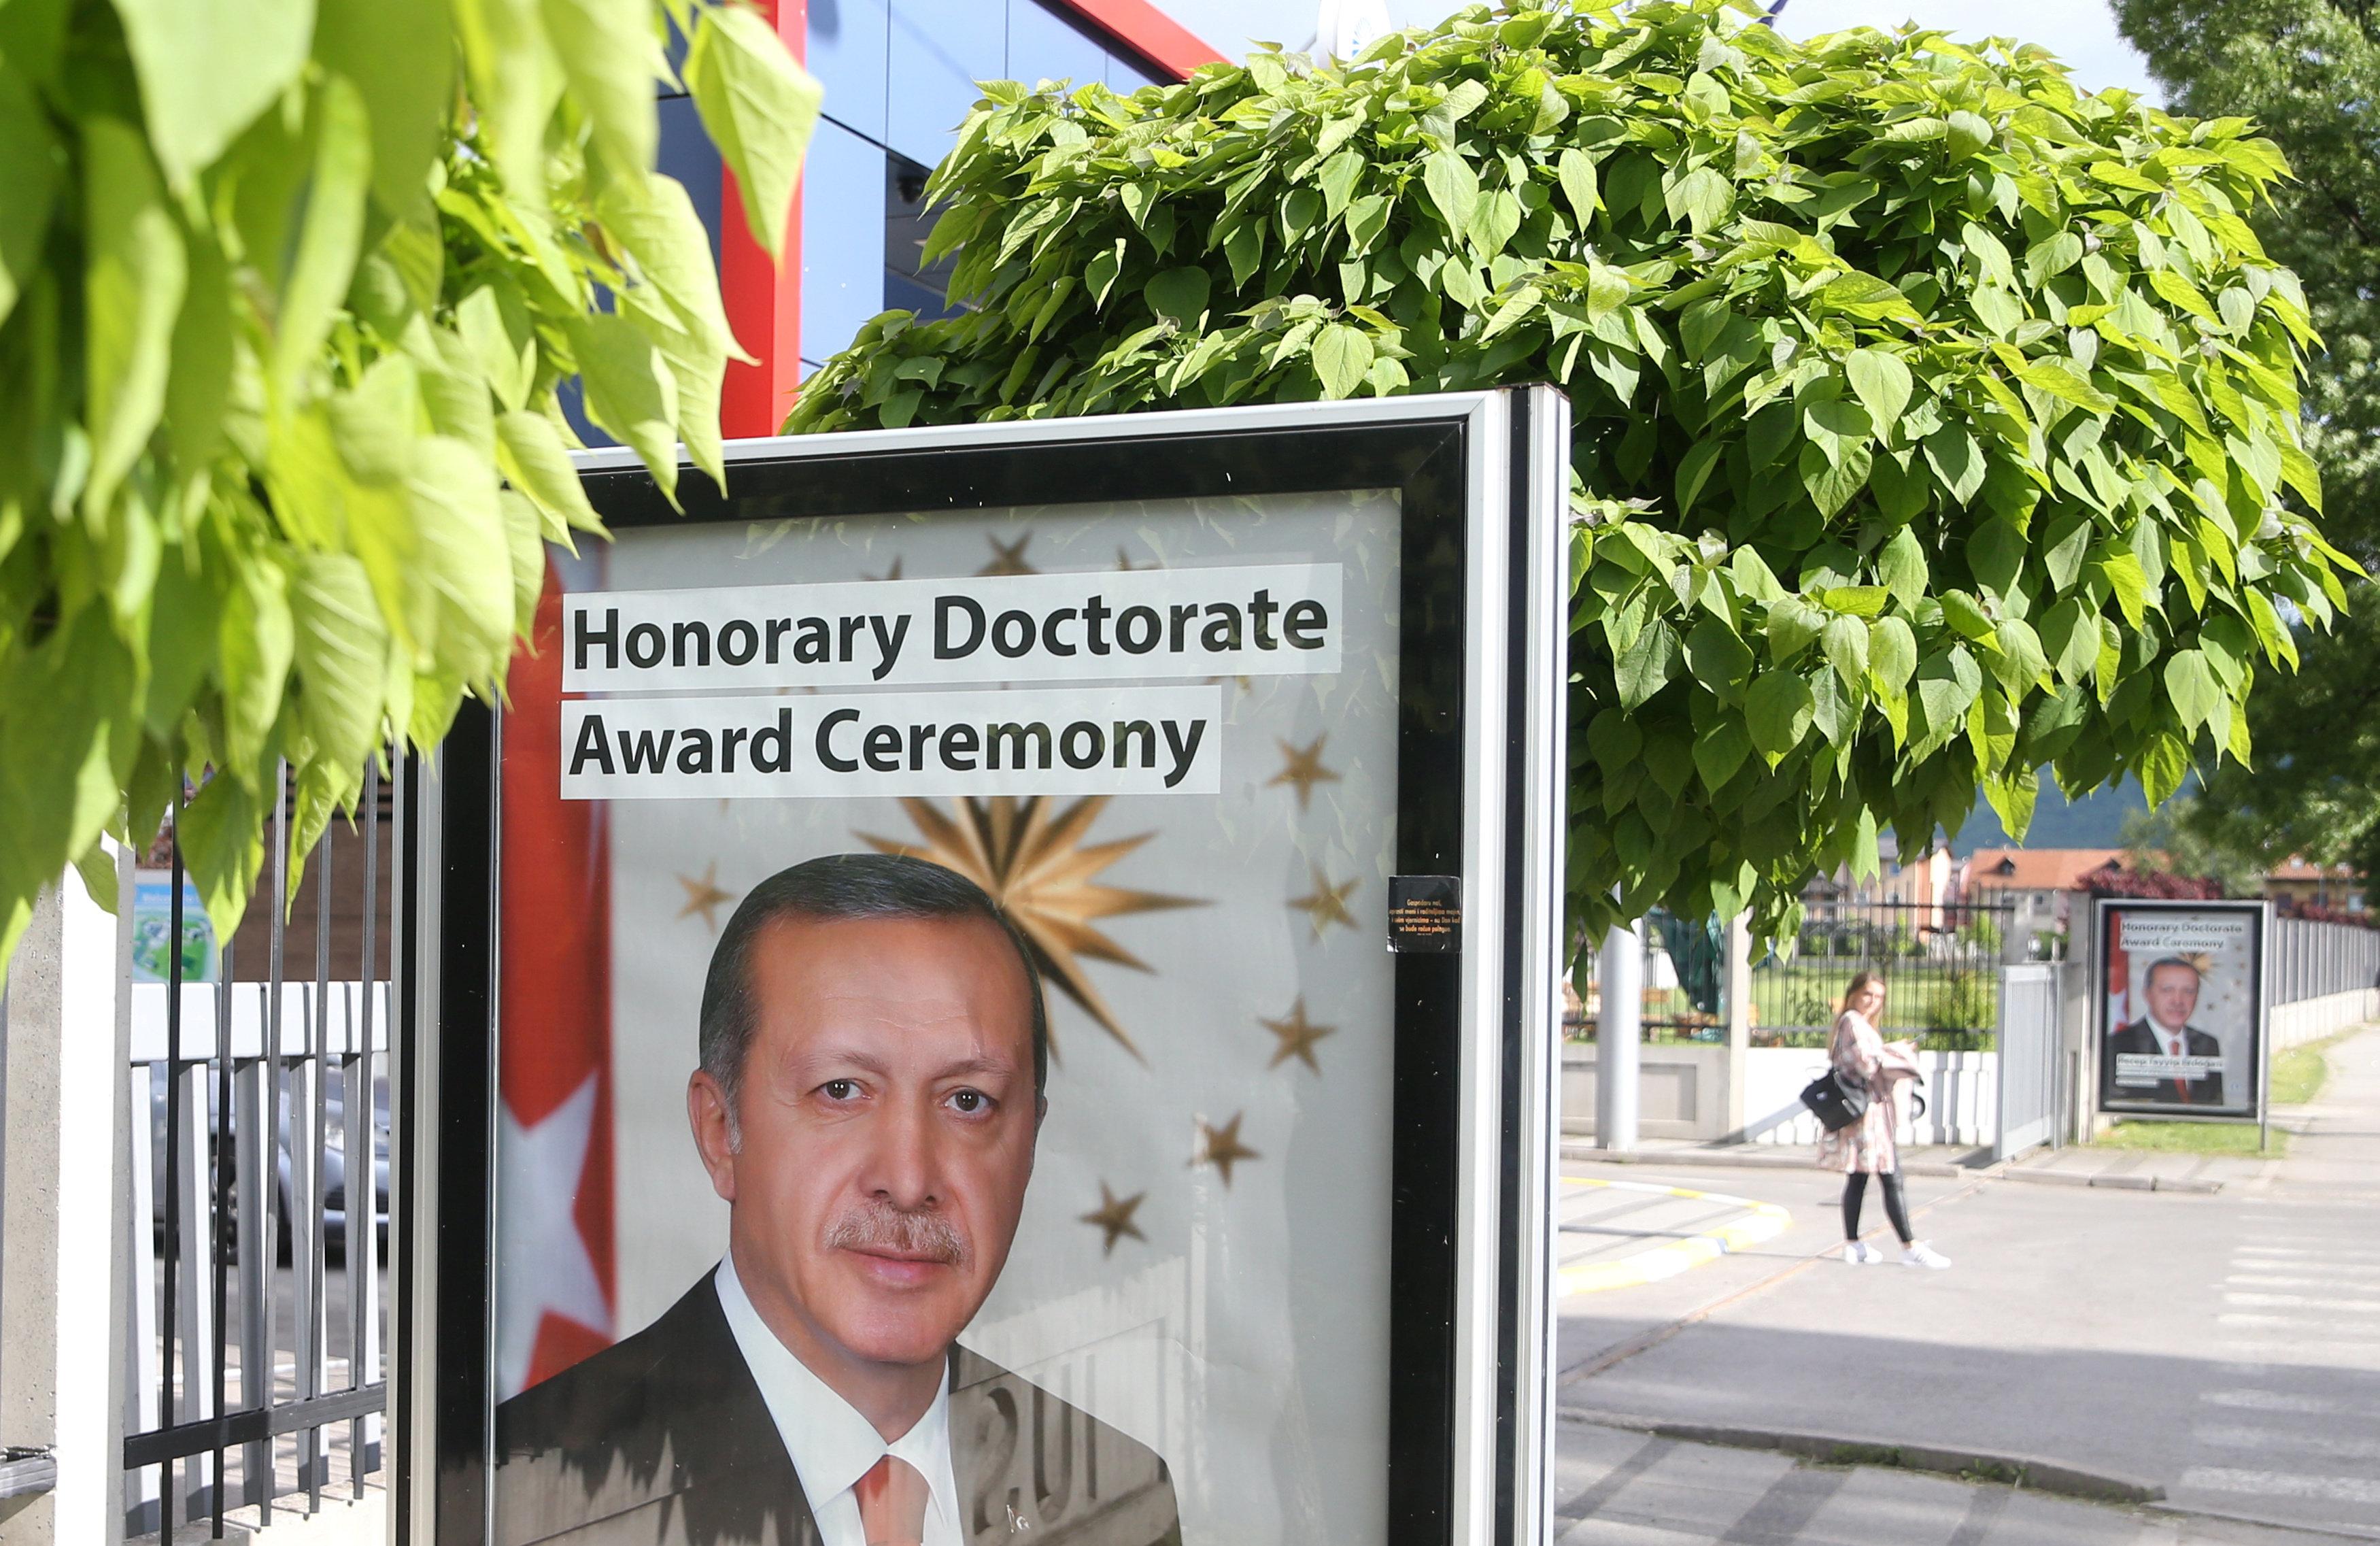 Στο Σαράγεβο ο Ερντογάν για την προεκλογική φιέστα επί ευρωπαϊκού